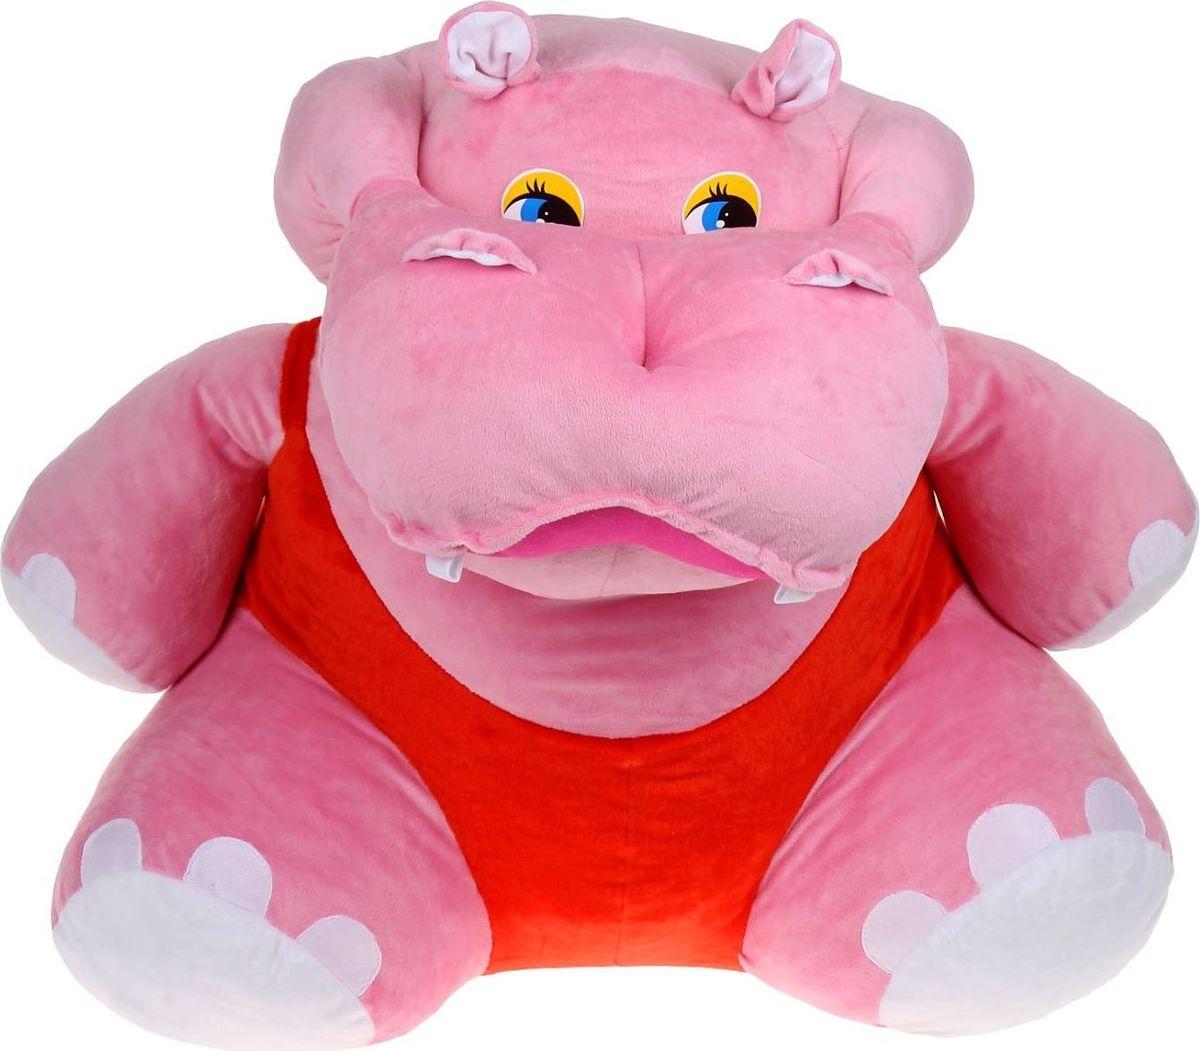 Orange Toys Мягкая игрушка Бегемот большой цвет розовый 80 см hansa бегемот 80 см